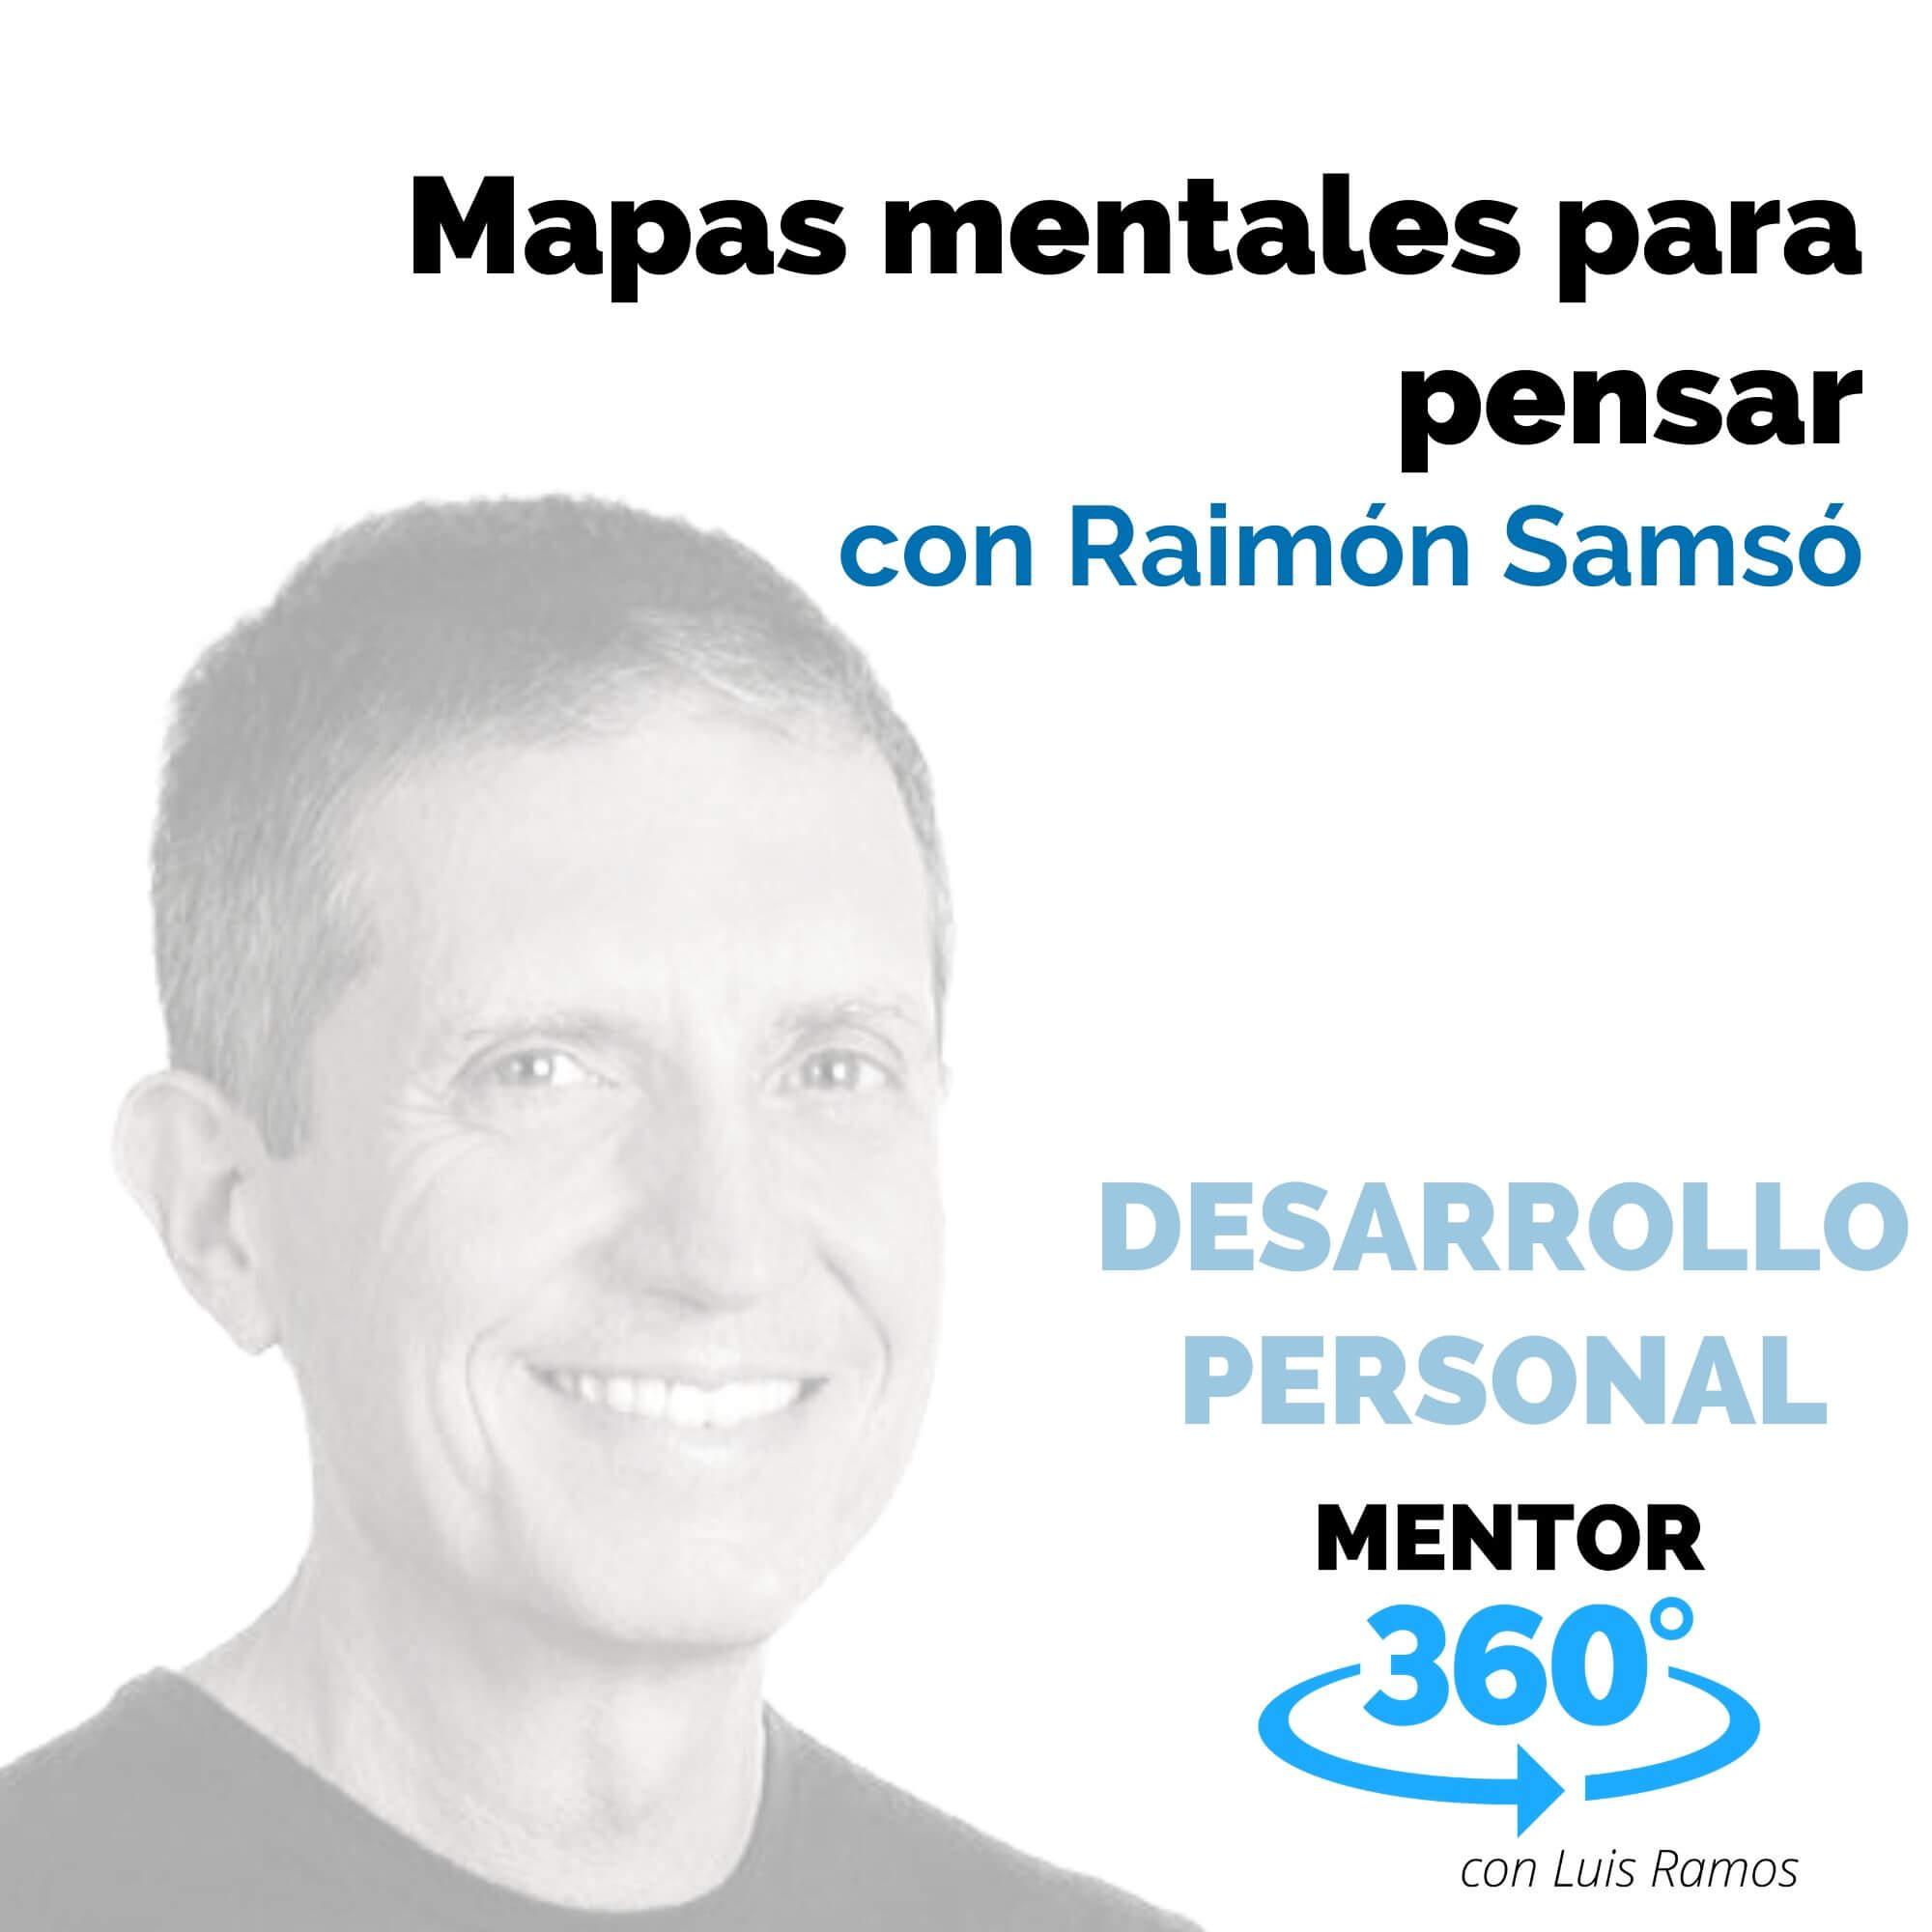 Mapas mentales para pensar, con Raimón Samsó - DESARROLLO PERSONAL